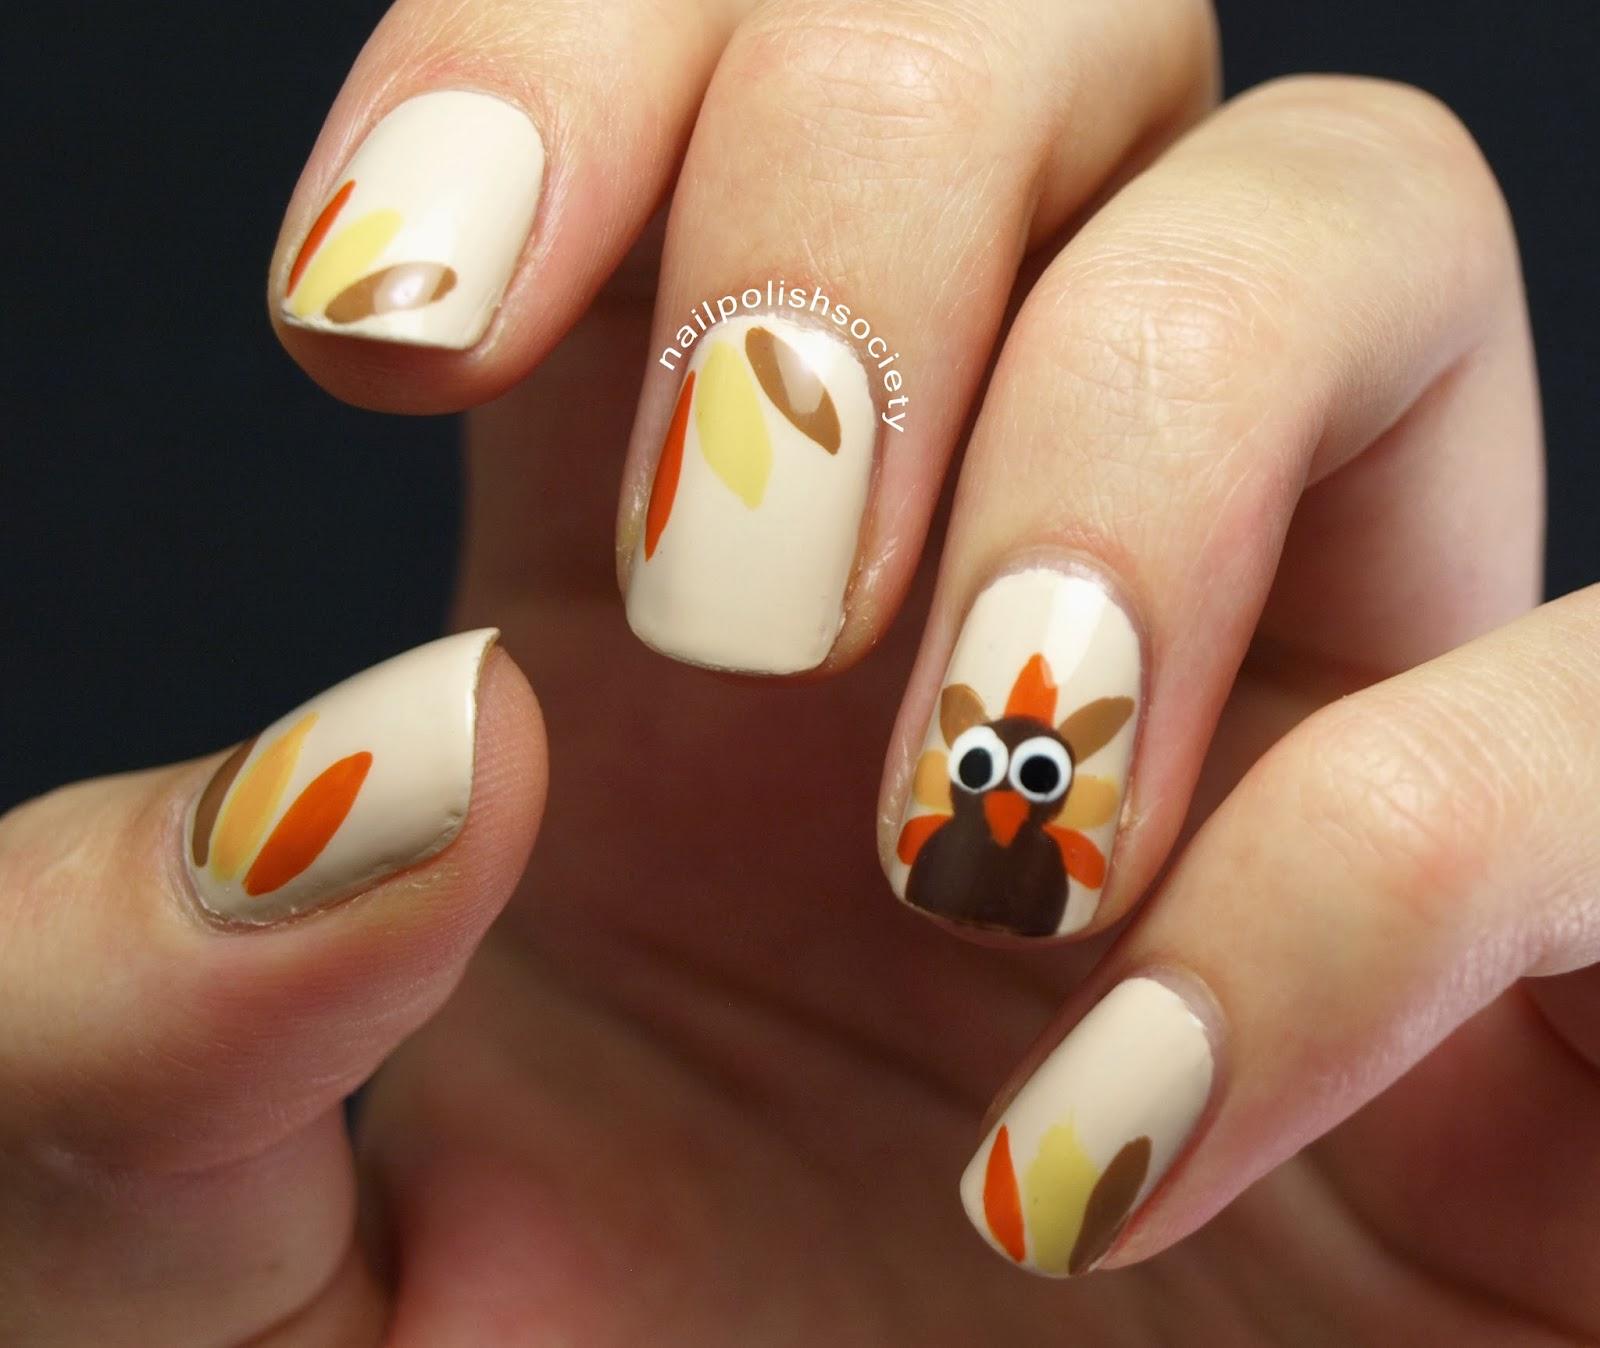 Thanksgiving Nails: Nail Polish Society: Thanksgiving Turkey Nails